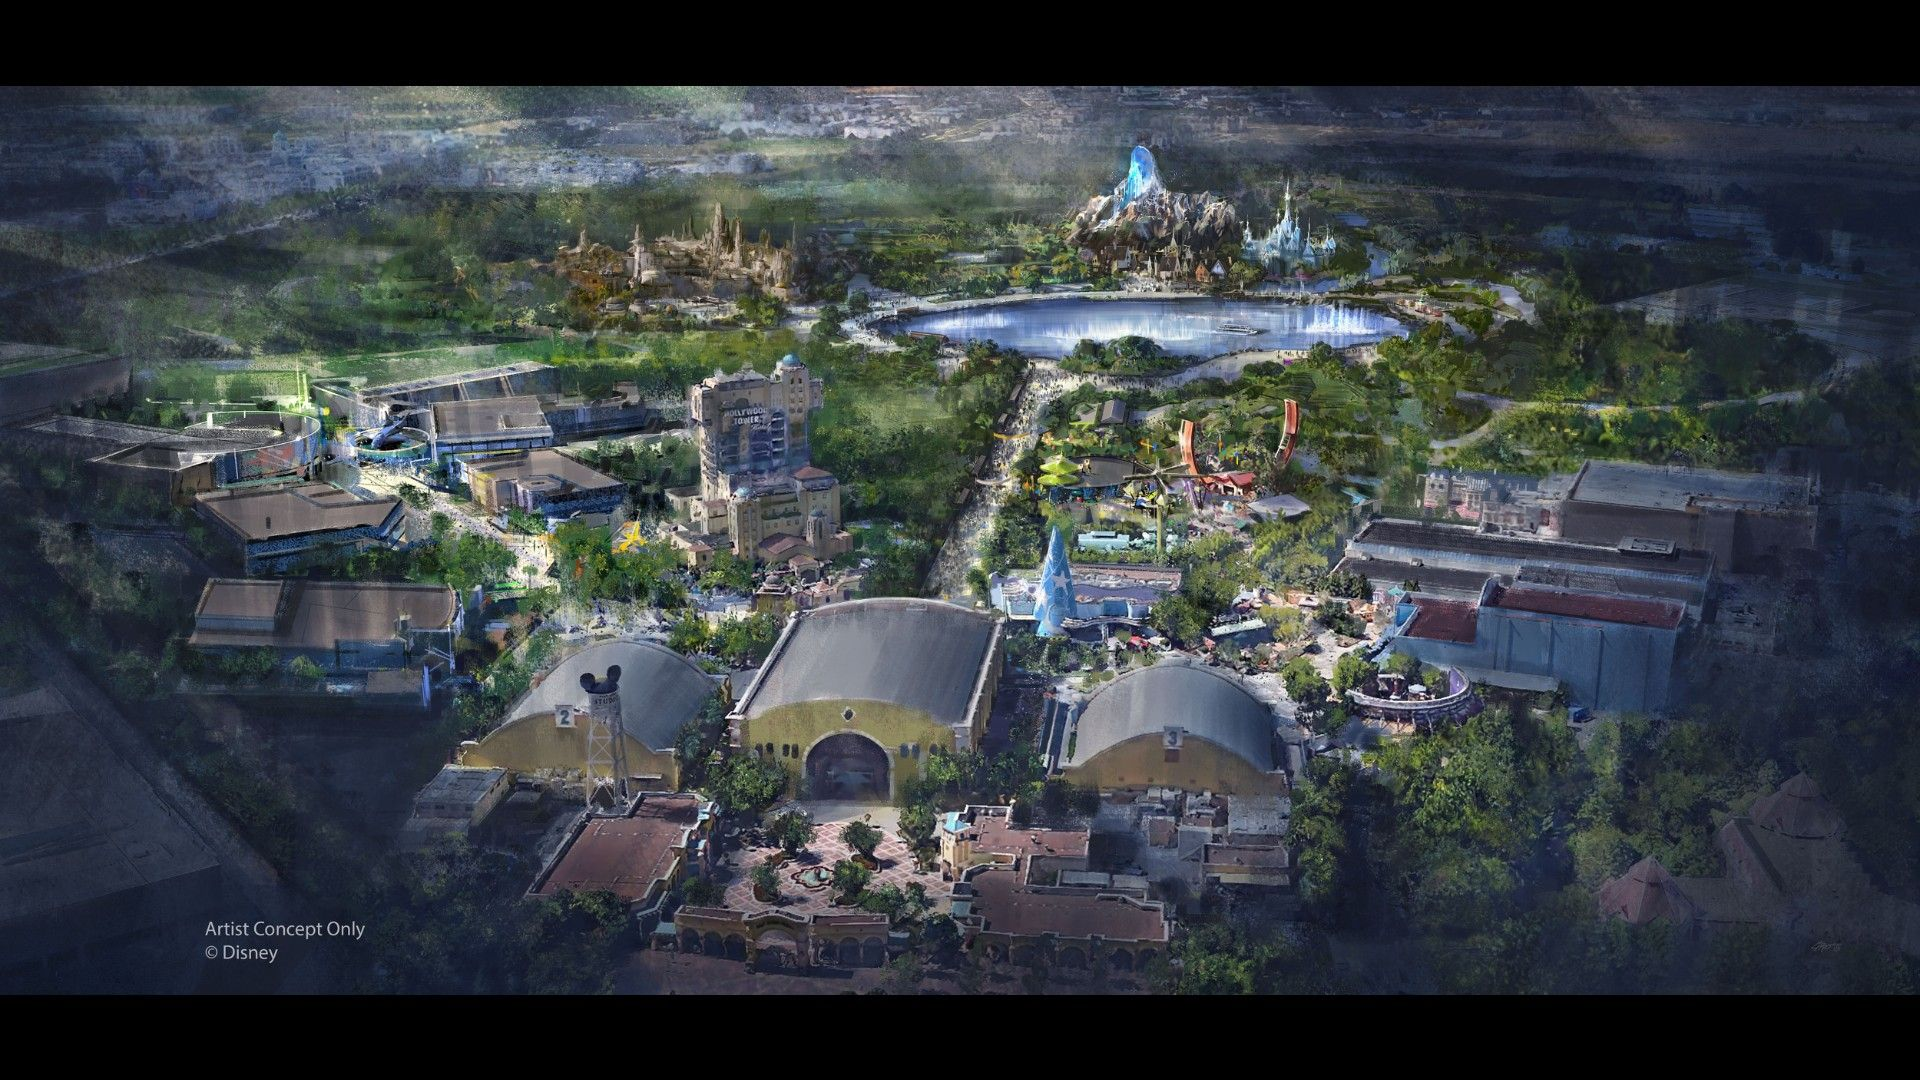 Disneyland Paris renderings